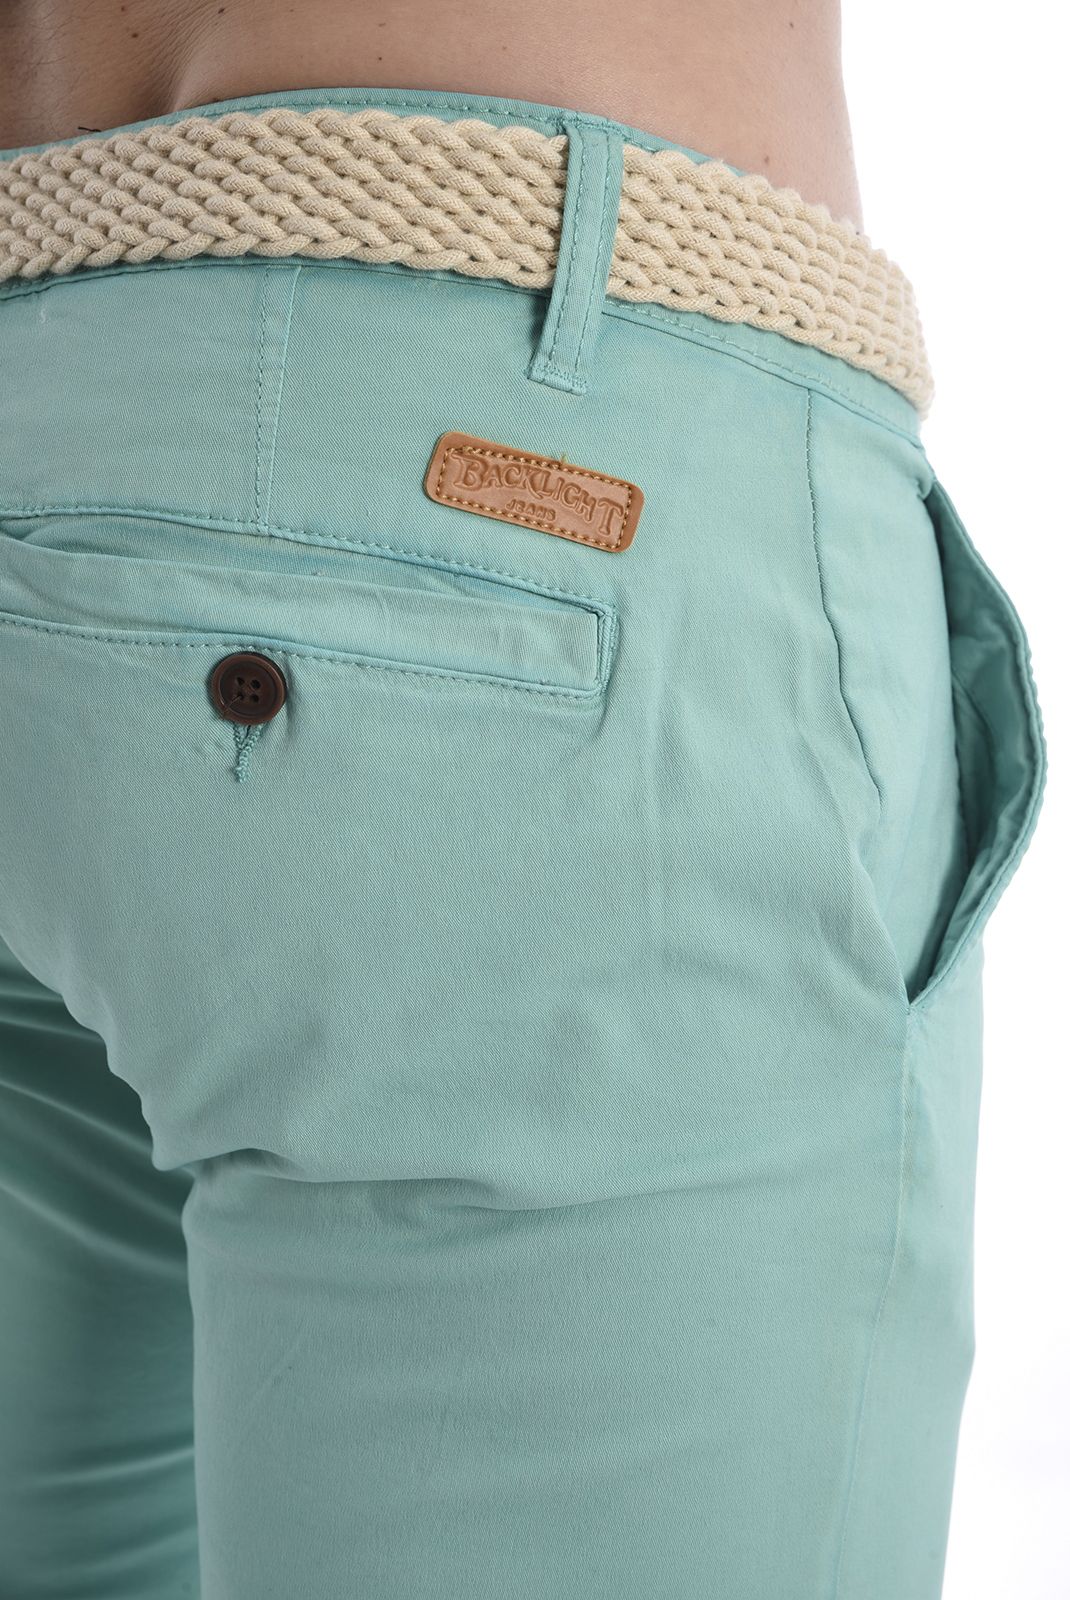 Pantalons chino/citadin  Backlight ALLEN SEA GREEN